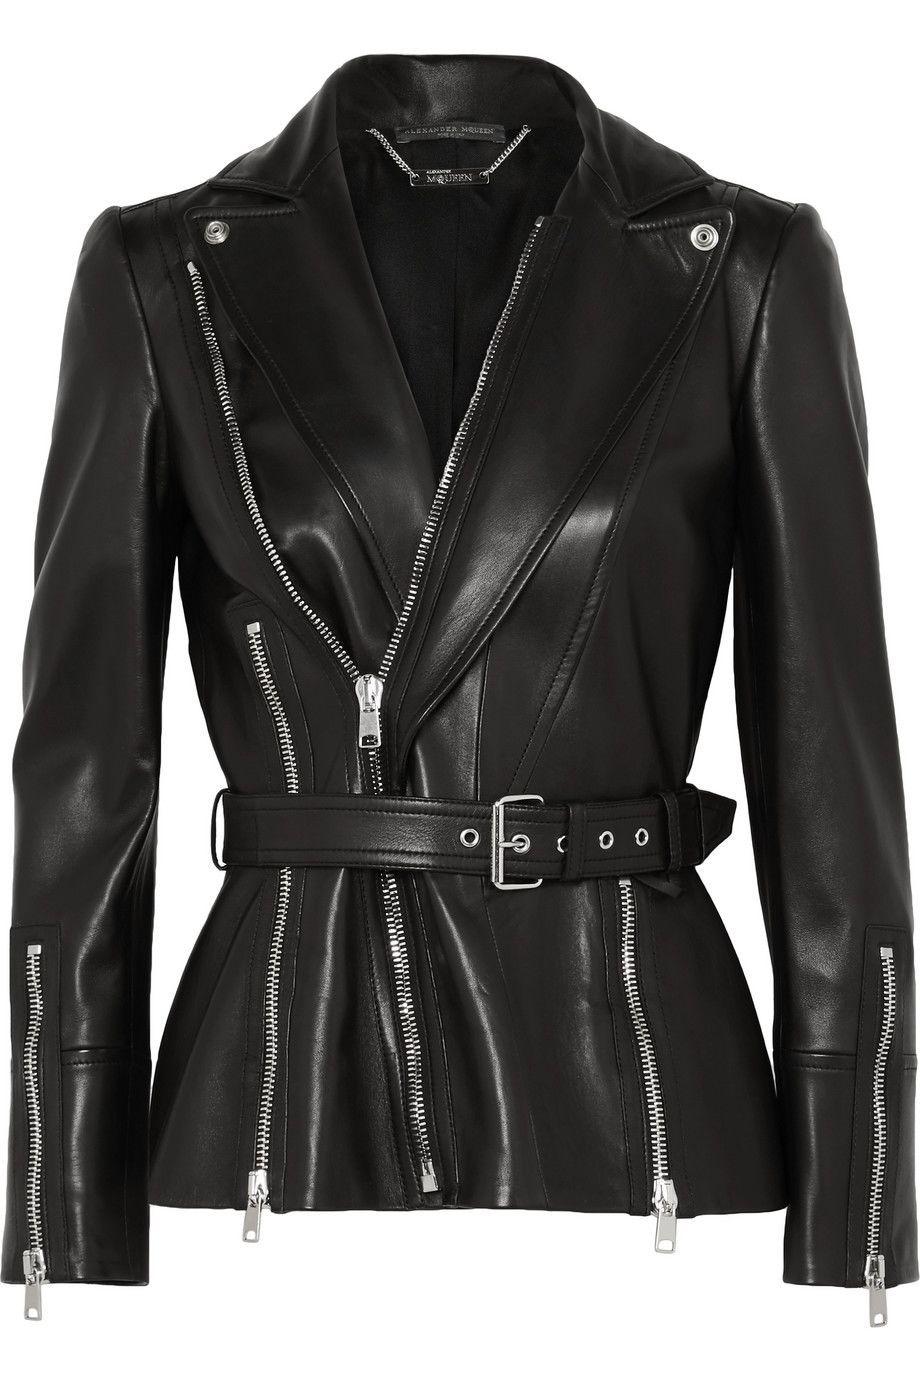 #PopbelaOOTD: Saatnya Invest ke Jaket Kulit!